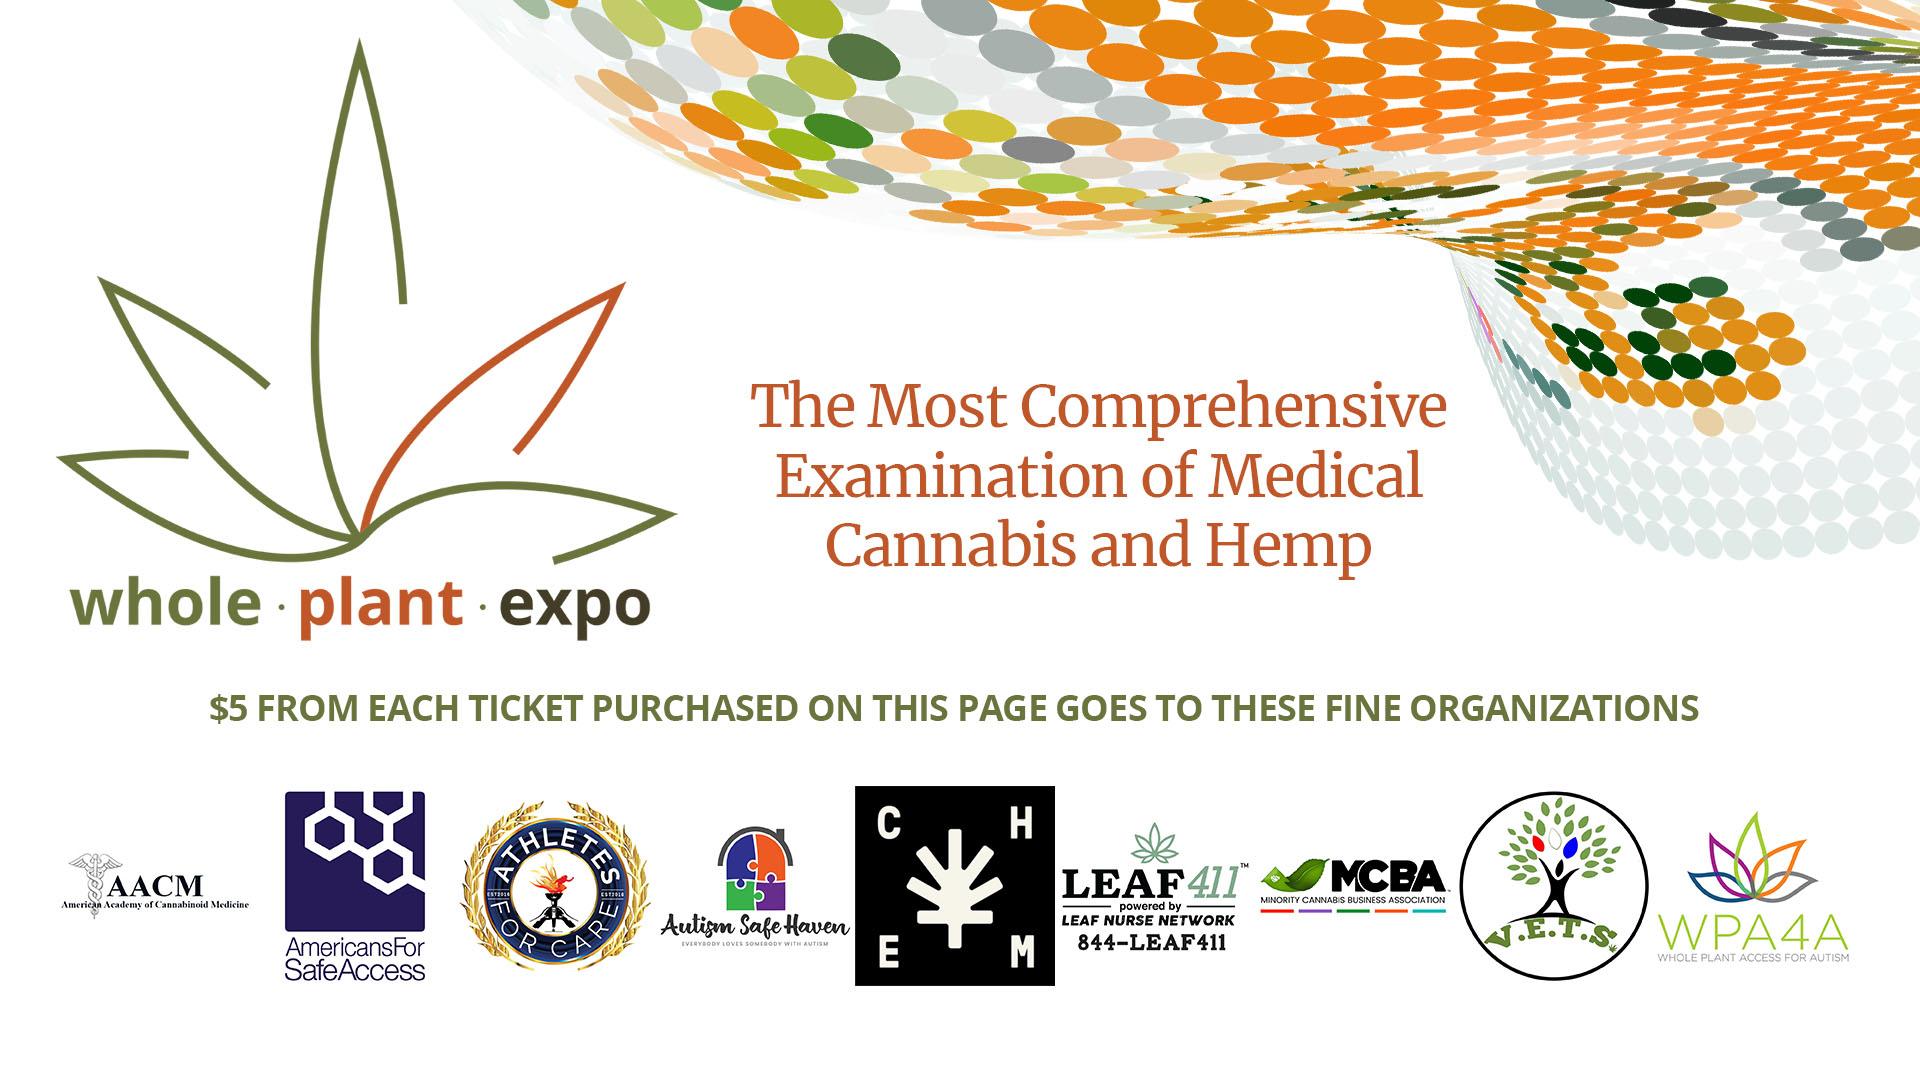 Whole Plant Expo Nonprofits Pavilion Discount